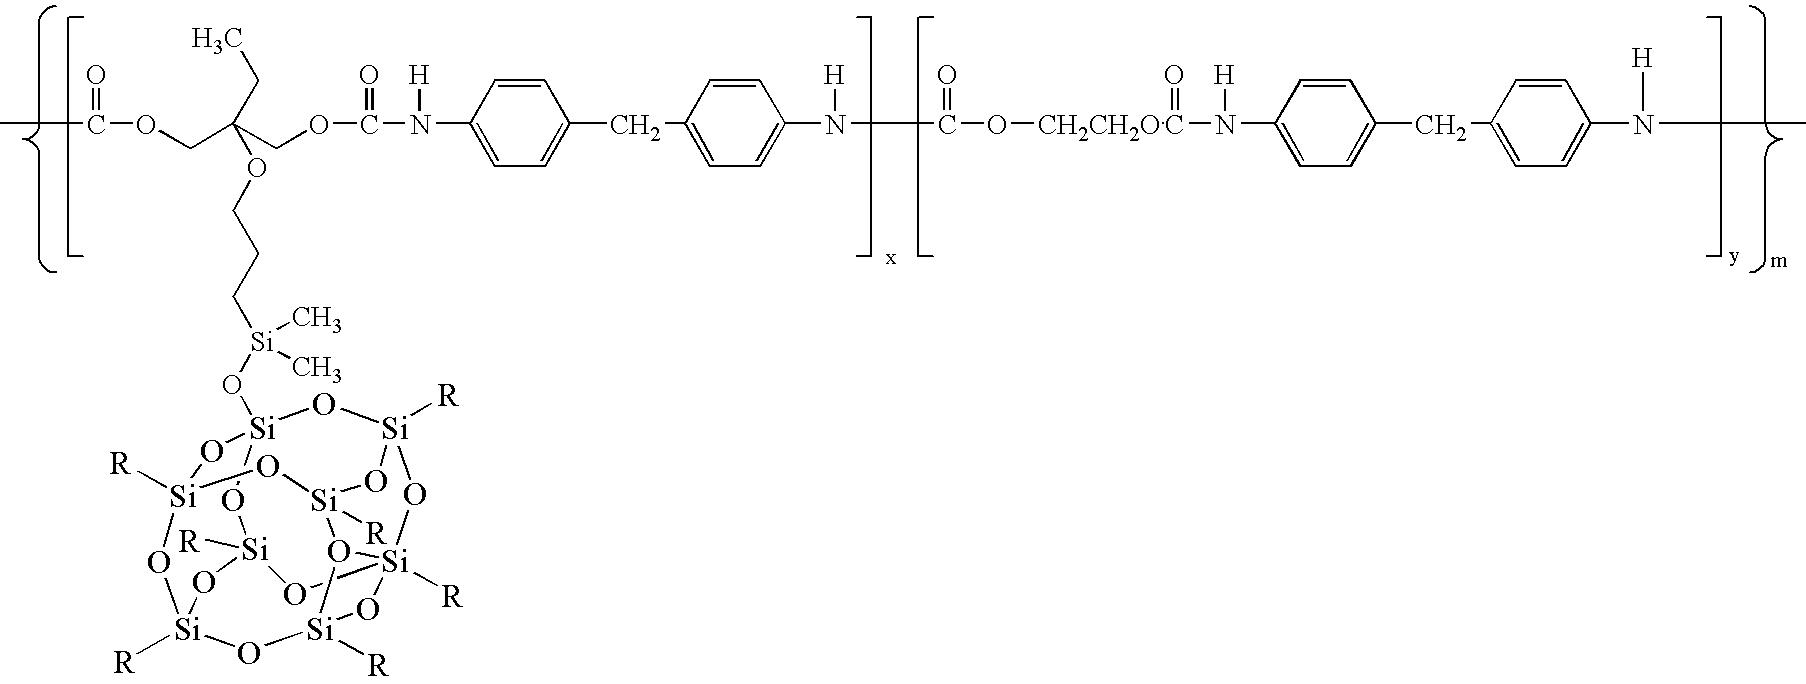 Figure US20040116641A1-20040617-C00004